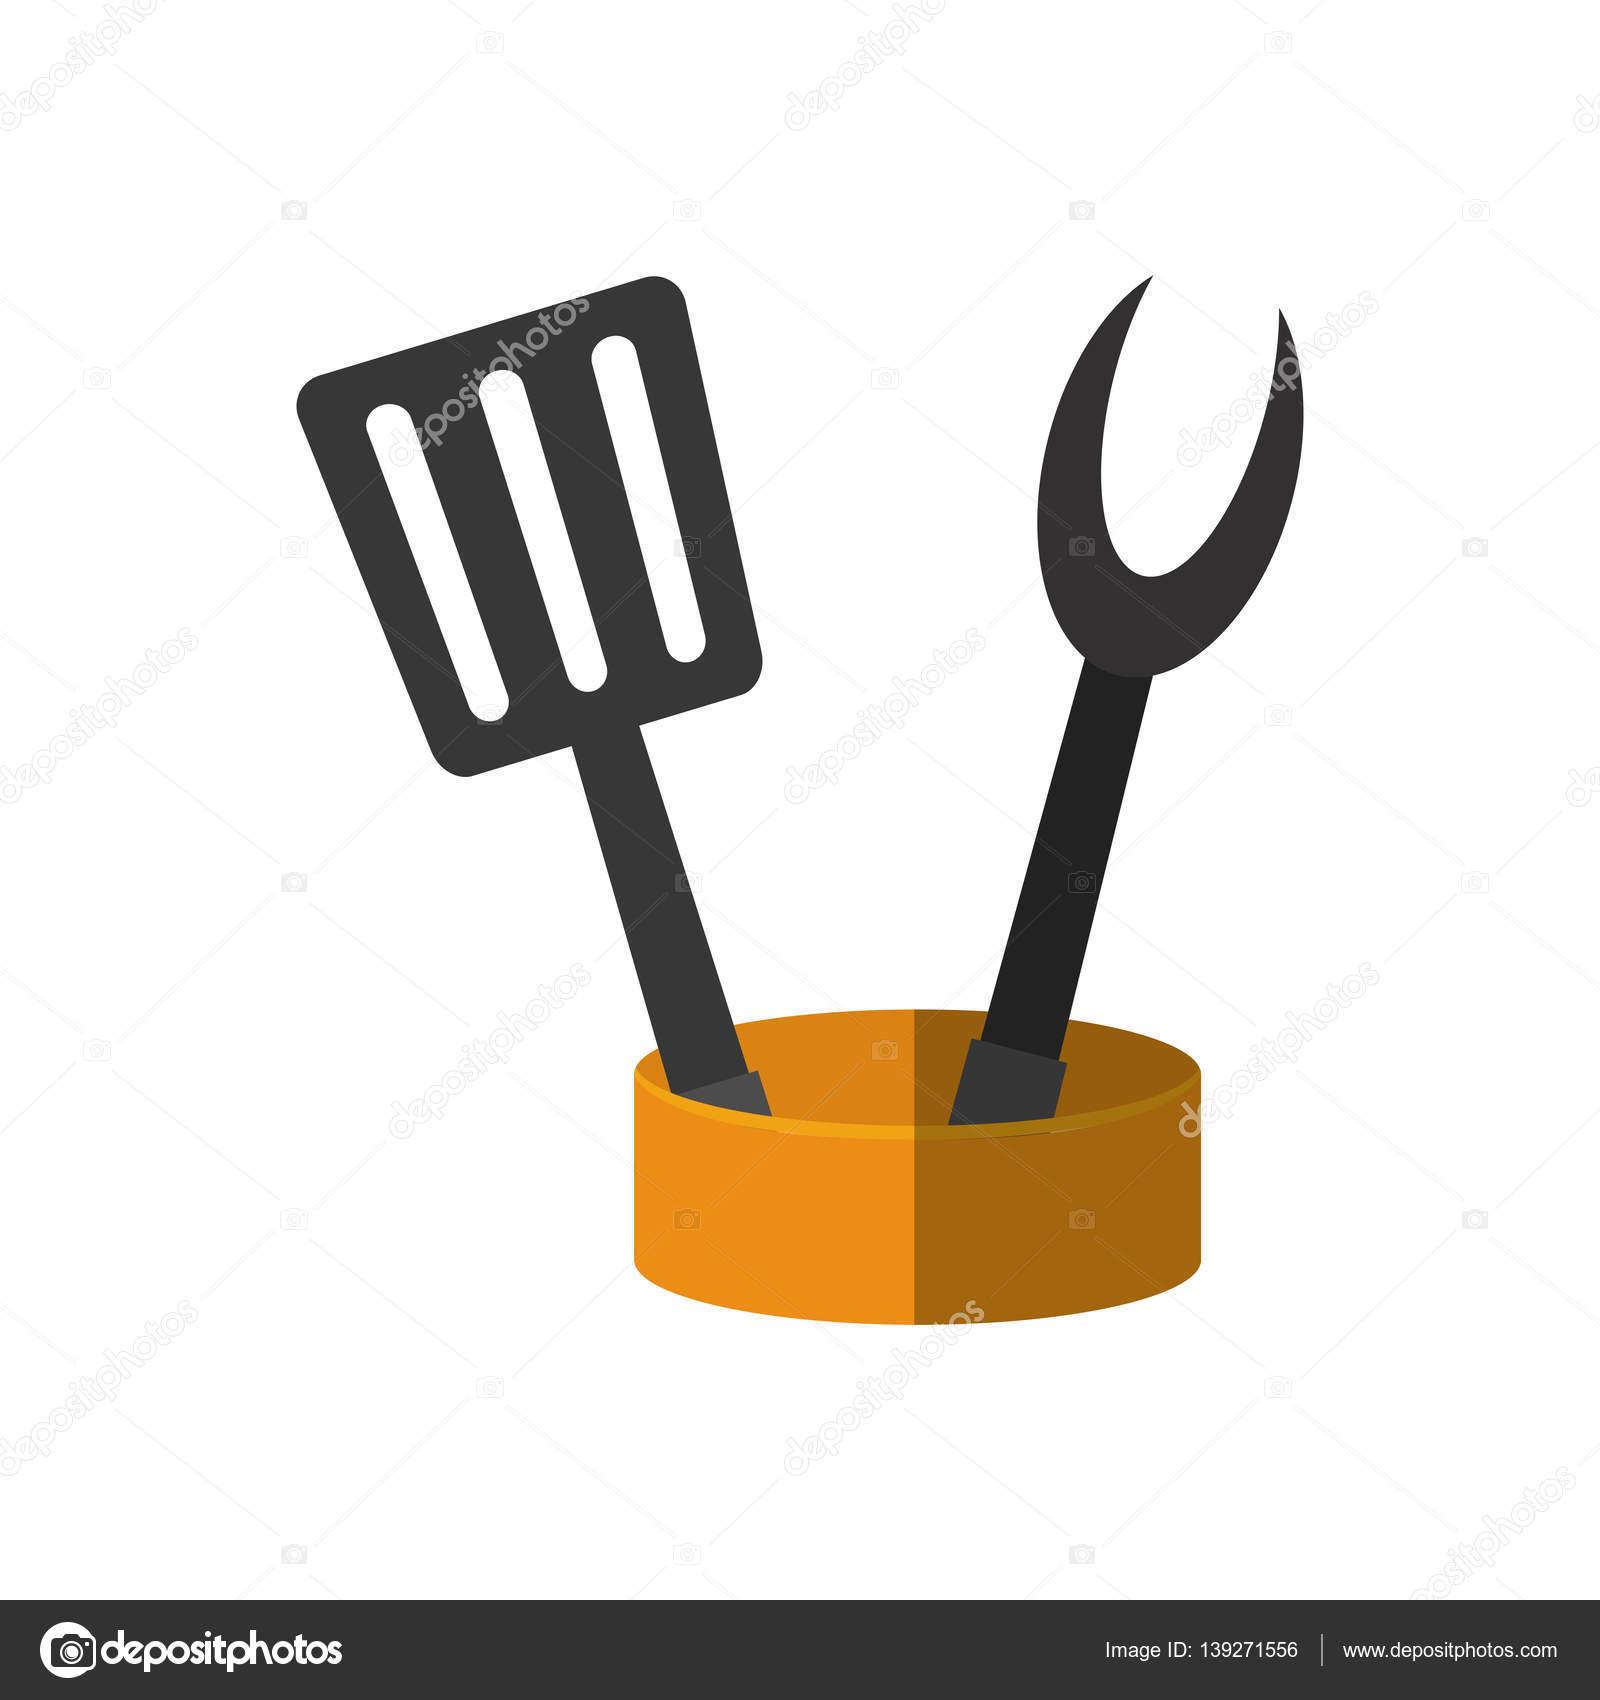 kitchen spatula unfinished discount cabinets 抹刀和叉烧烤容器用具厨房 图库矢量图像 c djv 139271556 图库矢量图片